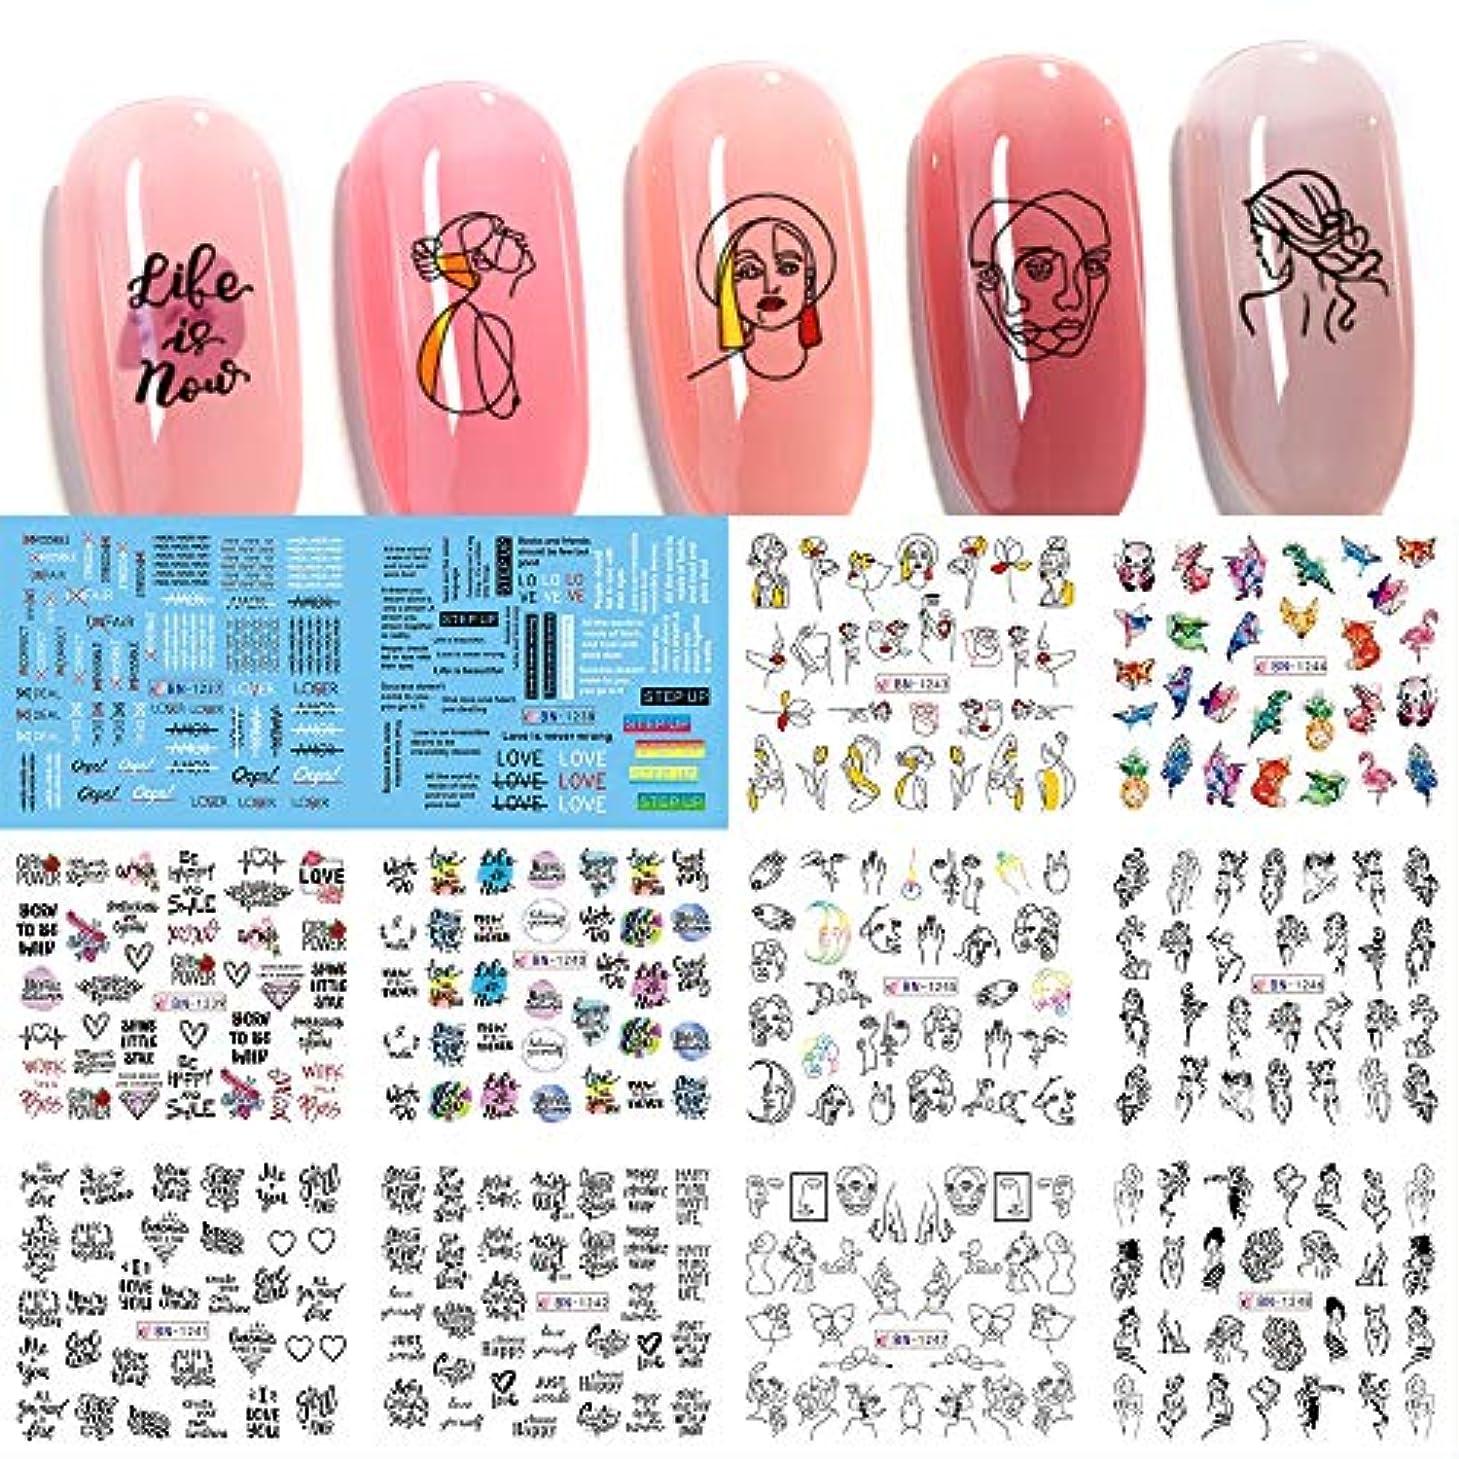 野心提供された汚染された12デザイン線画水転写ステッカーセットネイルアートデカールセクシーな女性ローズ落書き抽象マニキュアデコレーションネイルアートデカール女の子大人子供ネイルデカールマニキュアデコレーション